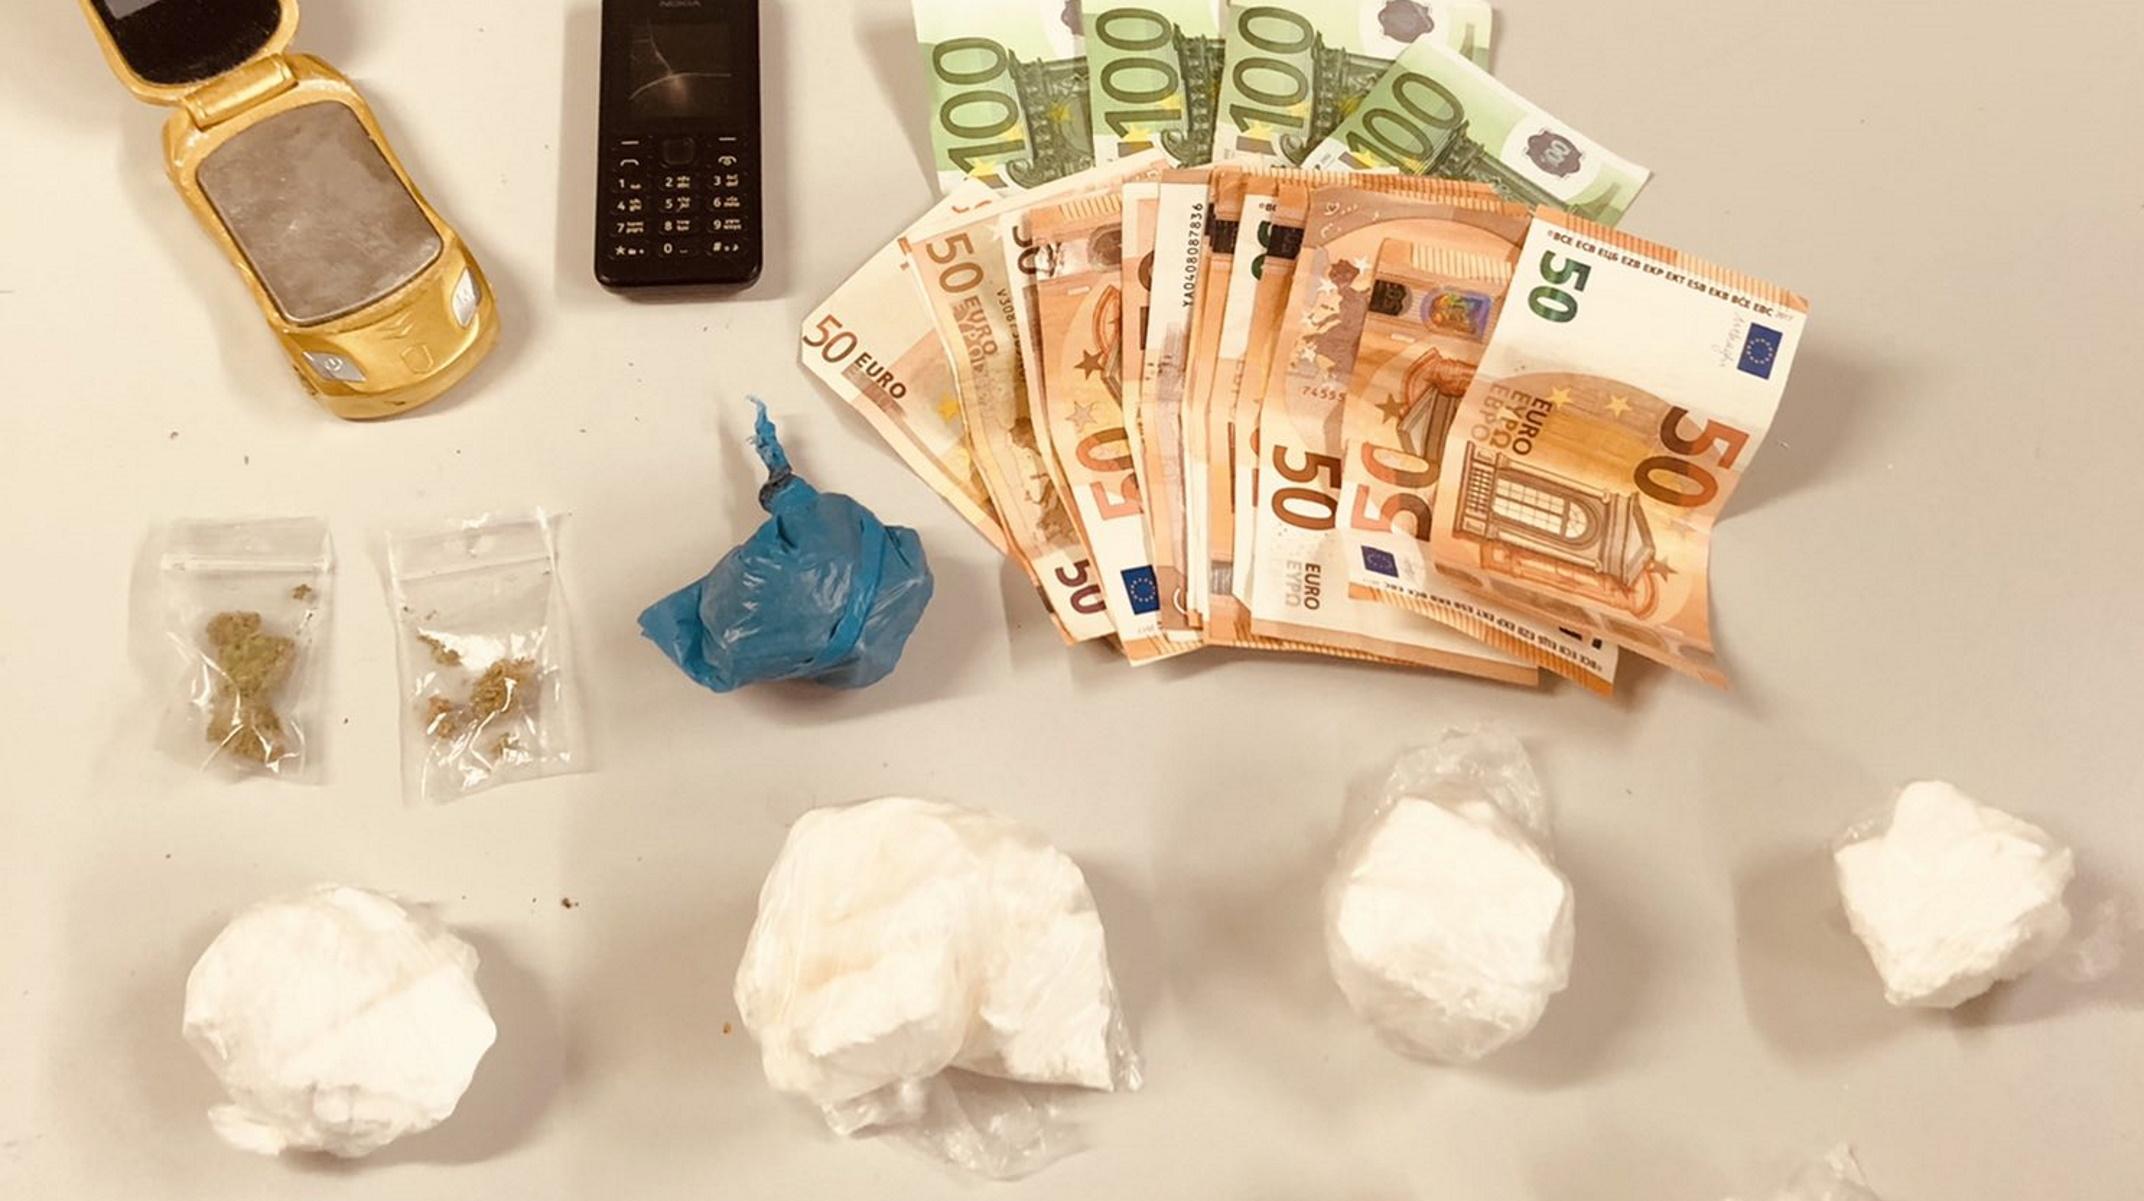 Χειροπέδες για διακίνηση κοκαΐνης στην Κυψέλη – «Καβάτζες» σε ψυγείο, ηλεκτρική σκούπα, τηλεόραση